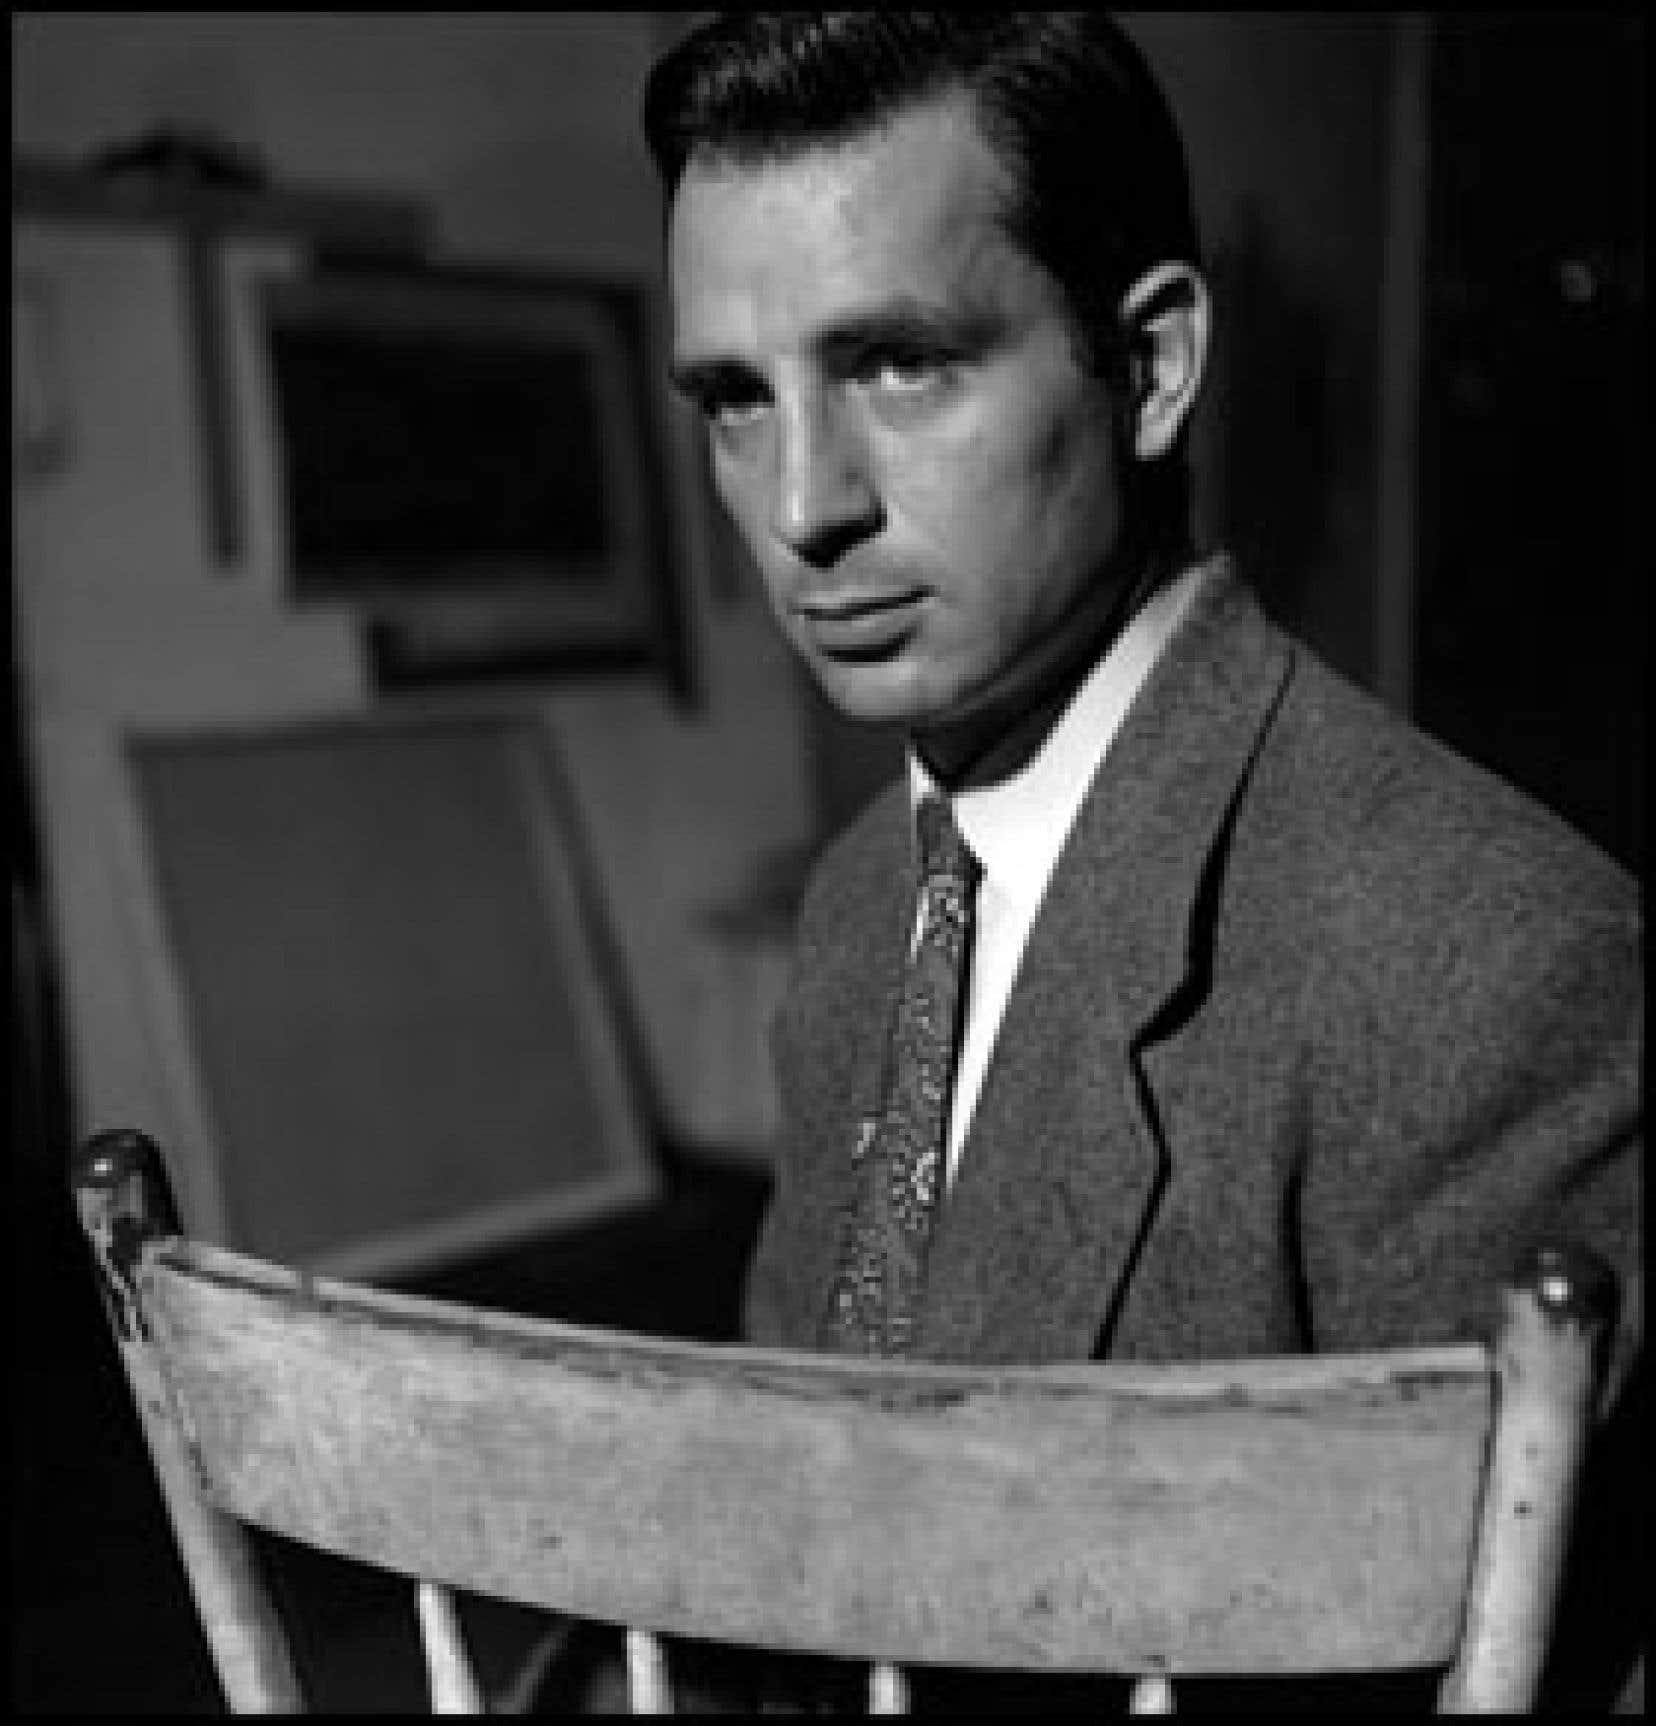 L'écrivain Jack Kerouac à New York en 1953, à l'époque où il rédigea en français au moins un roman et des nouvelles, inédits à ce jour.